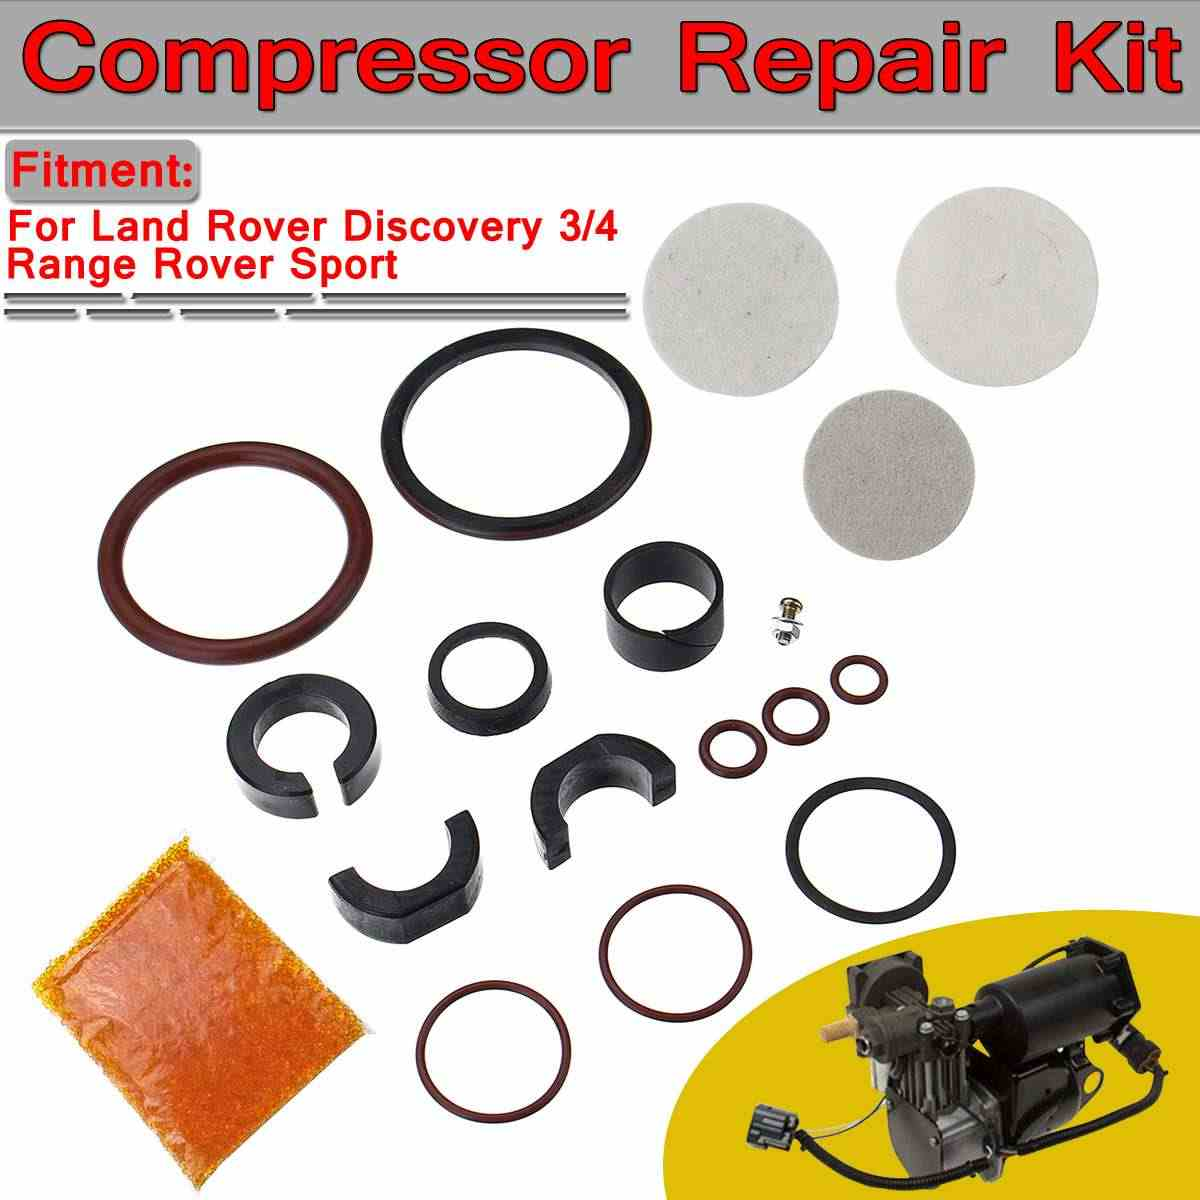 車の空気サスペンション A/C コンプレッサー修理キットランドローバーディスカバリー 3/4 レンジローバースポーツ RQG000017 RQG000018 RQG000019